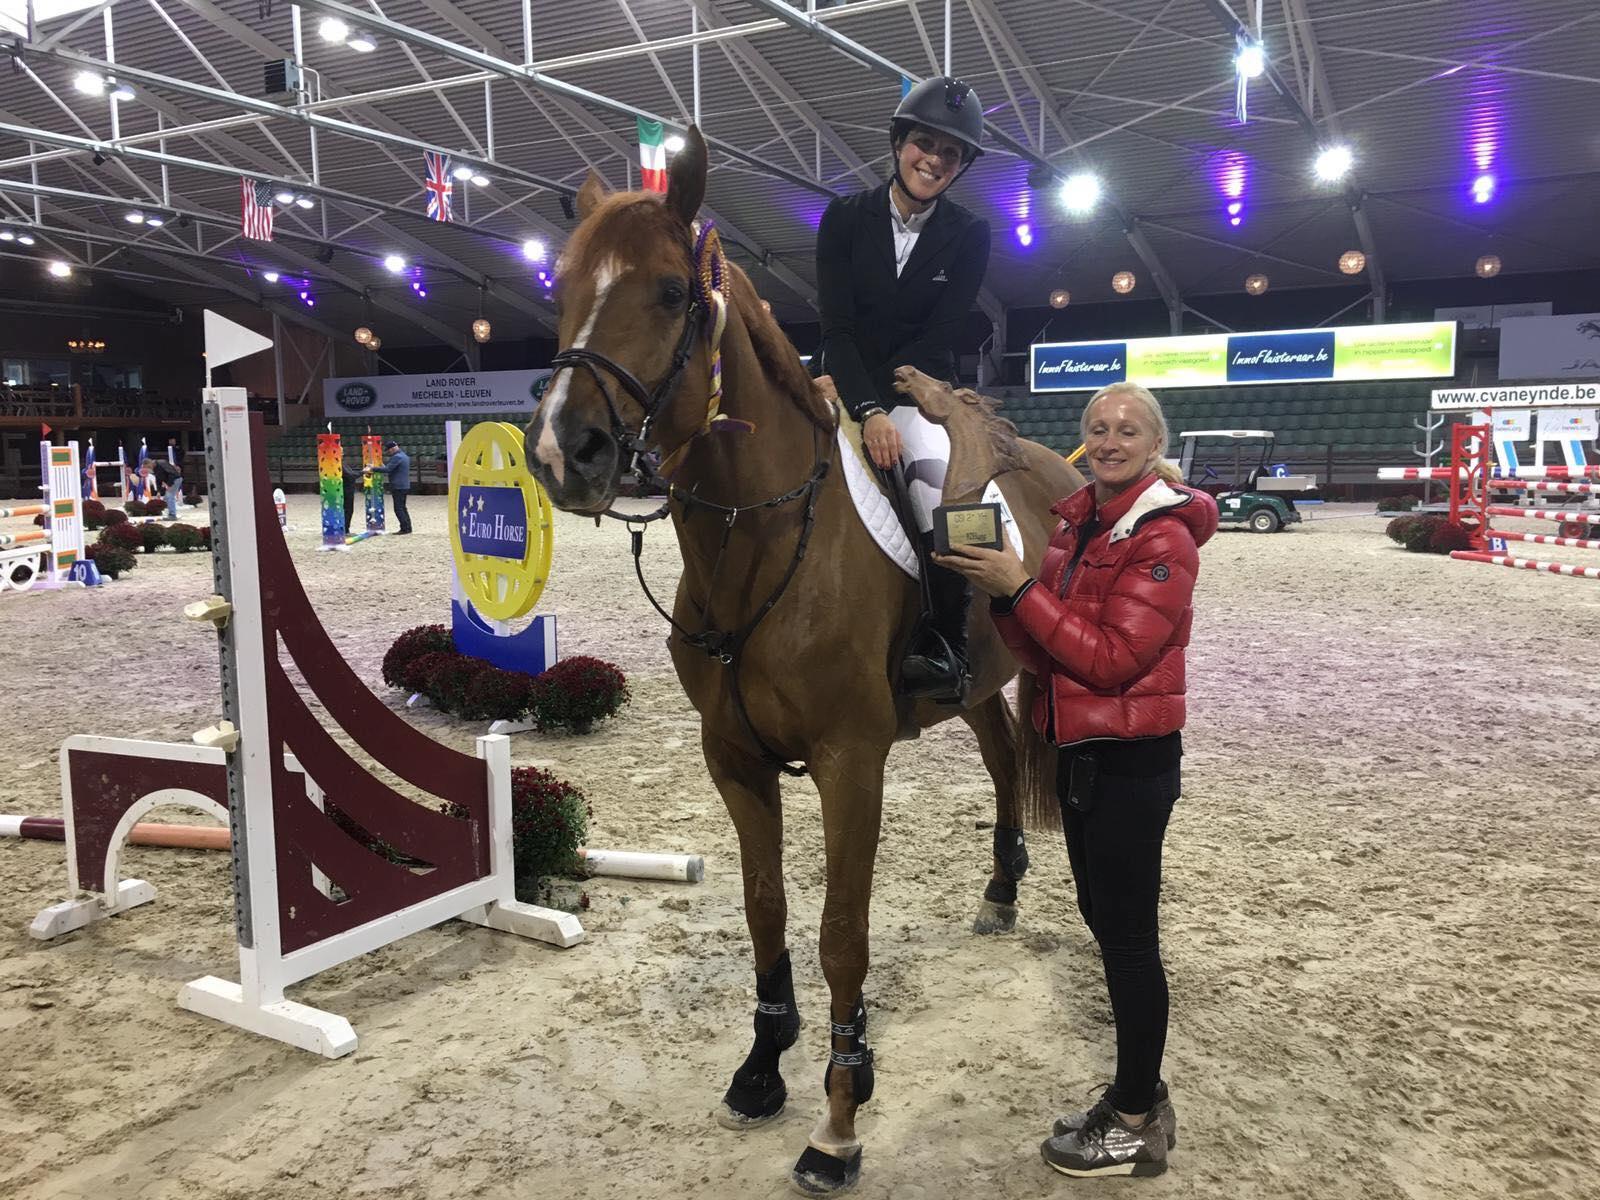 Evelyne Putters houdt Belgische eer hoog in Opglabbeek - equnews.be